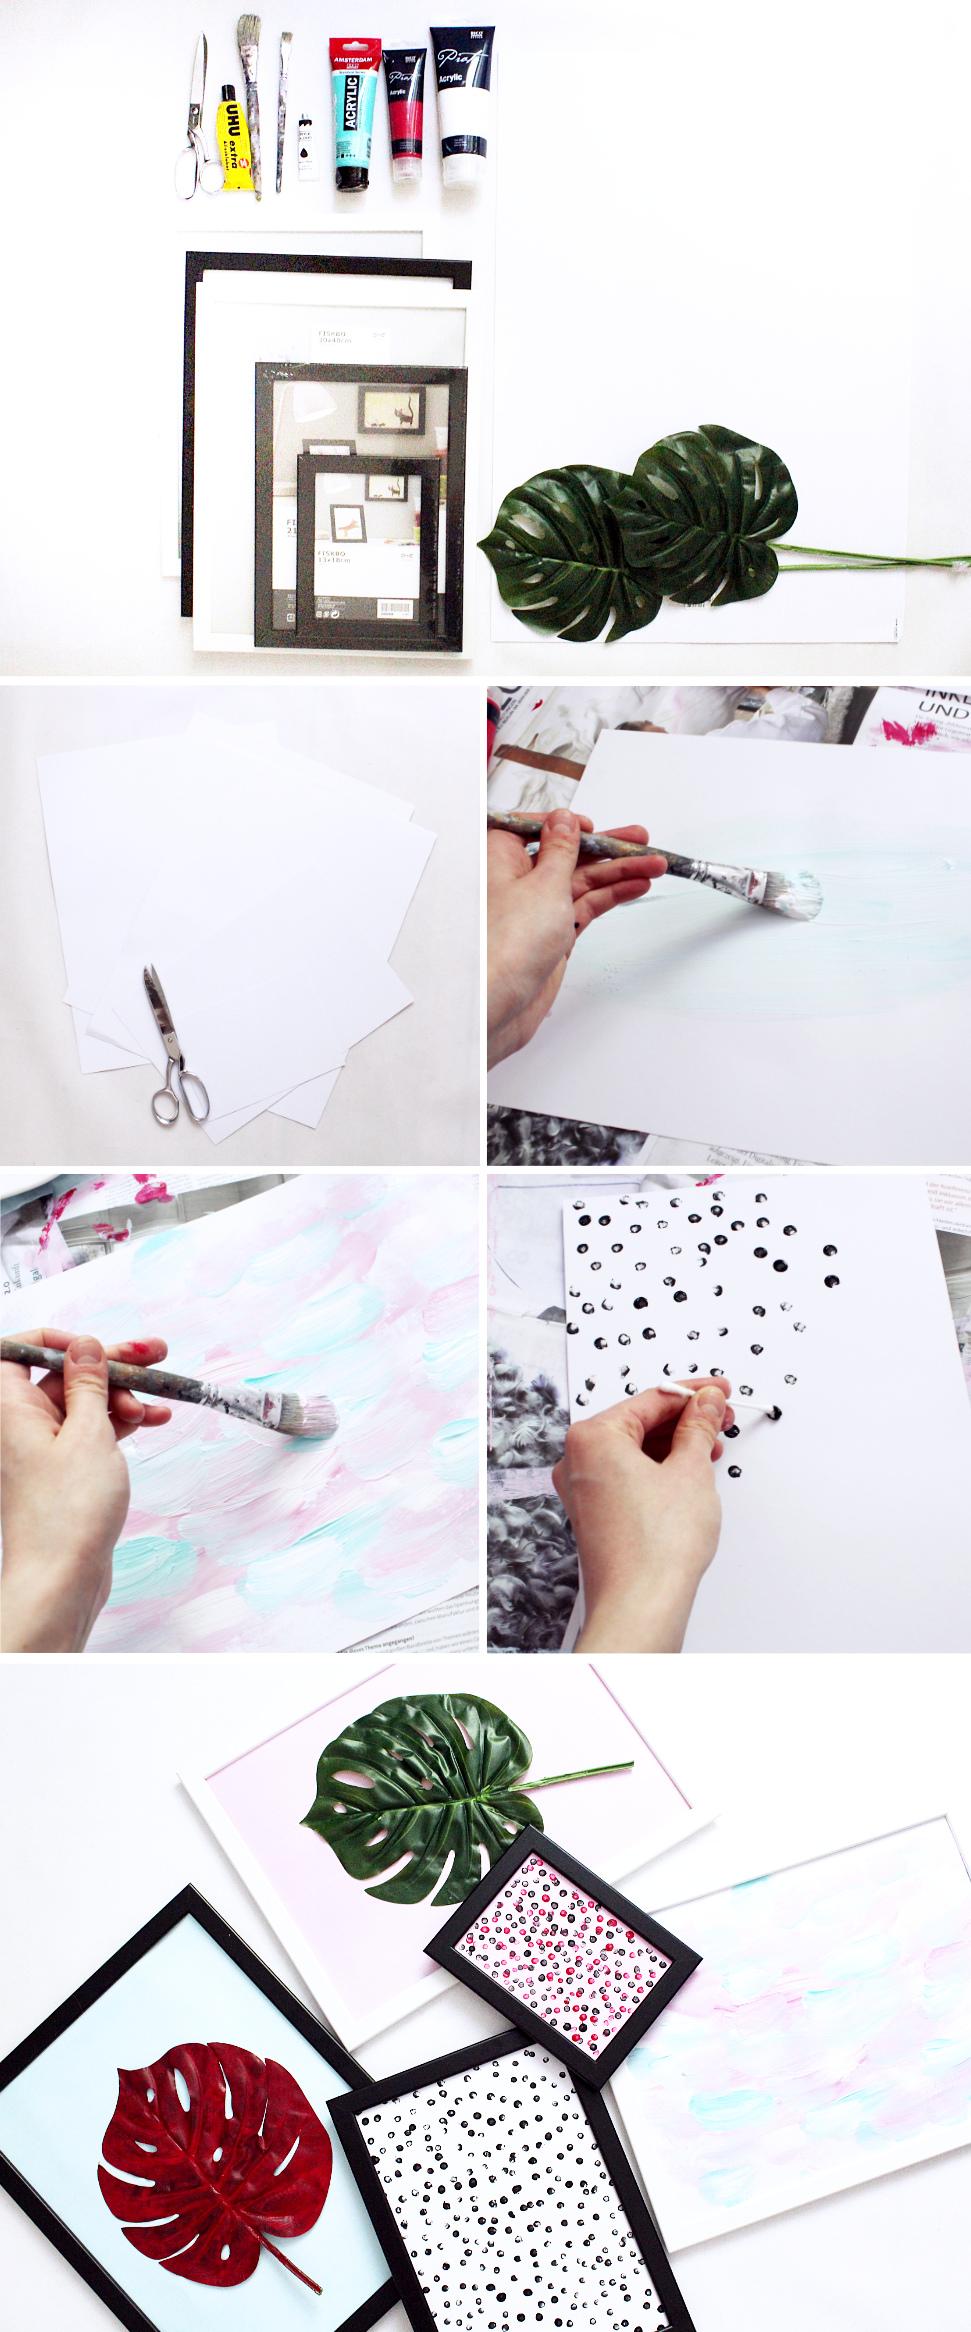 Wanddeko Ideen zum Selber machen -- DIY Anleitung